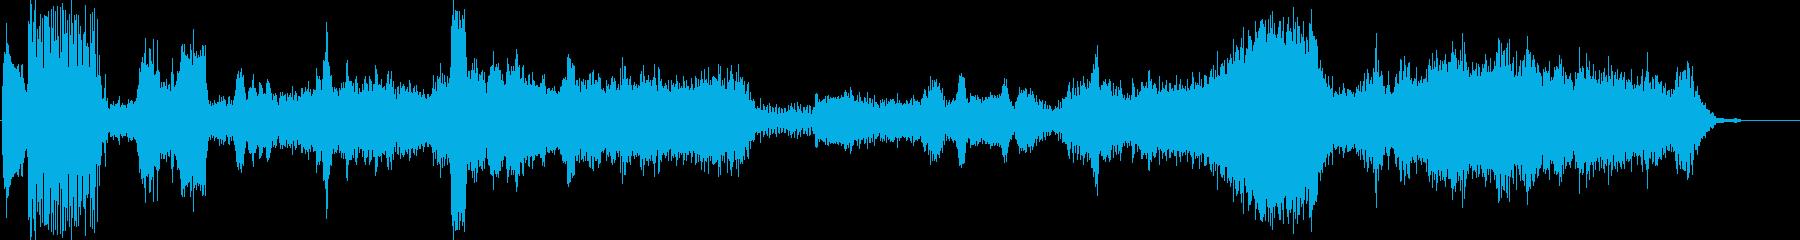 ロボットの動き、サーボ、ウィズ、ワ...の再生済みの波形